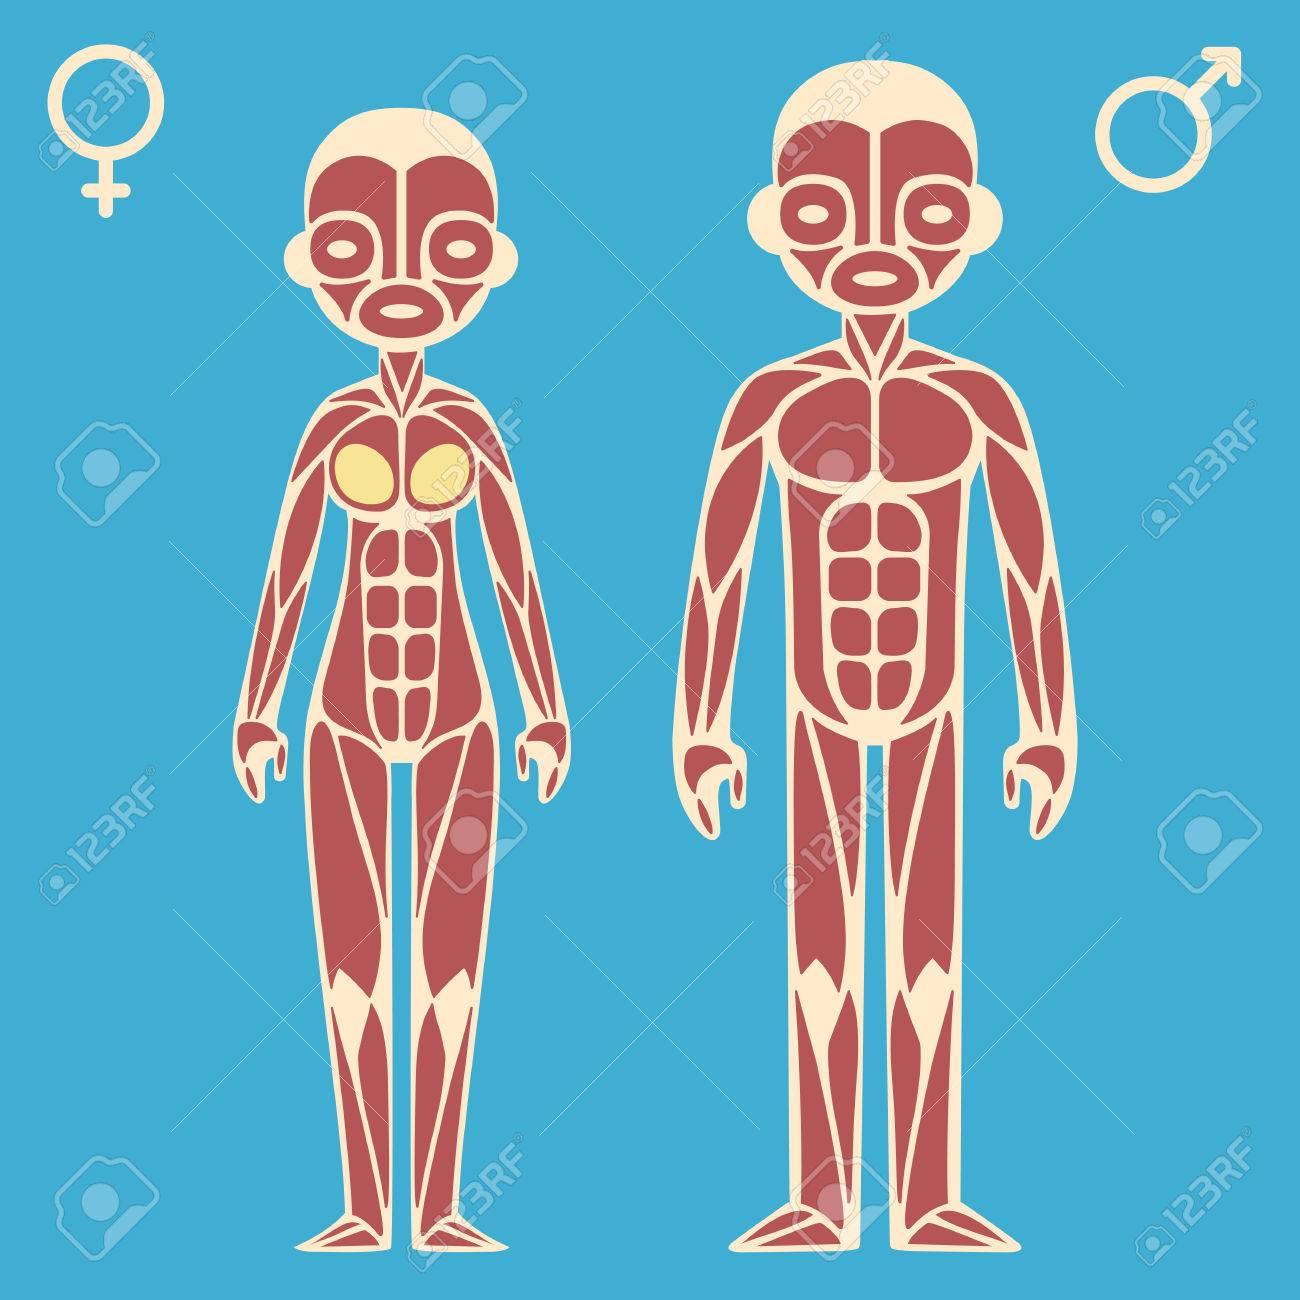 Masculina De Dibujos Animados Estilizada Y Gráficos Musculares ...